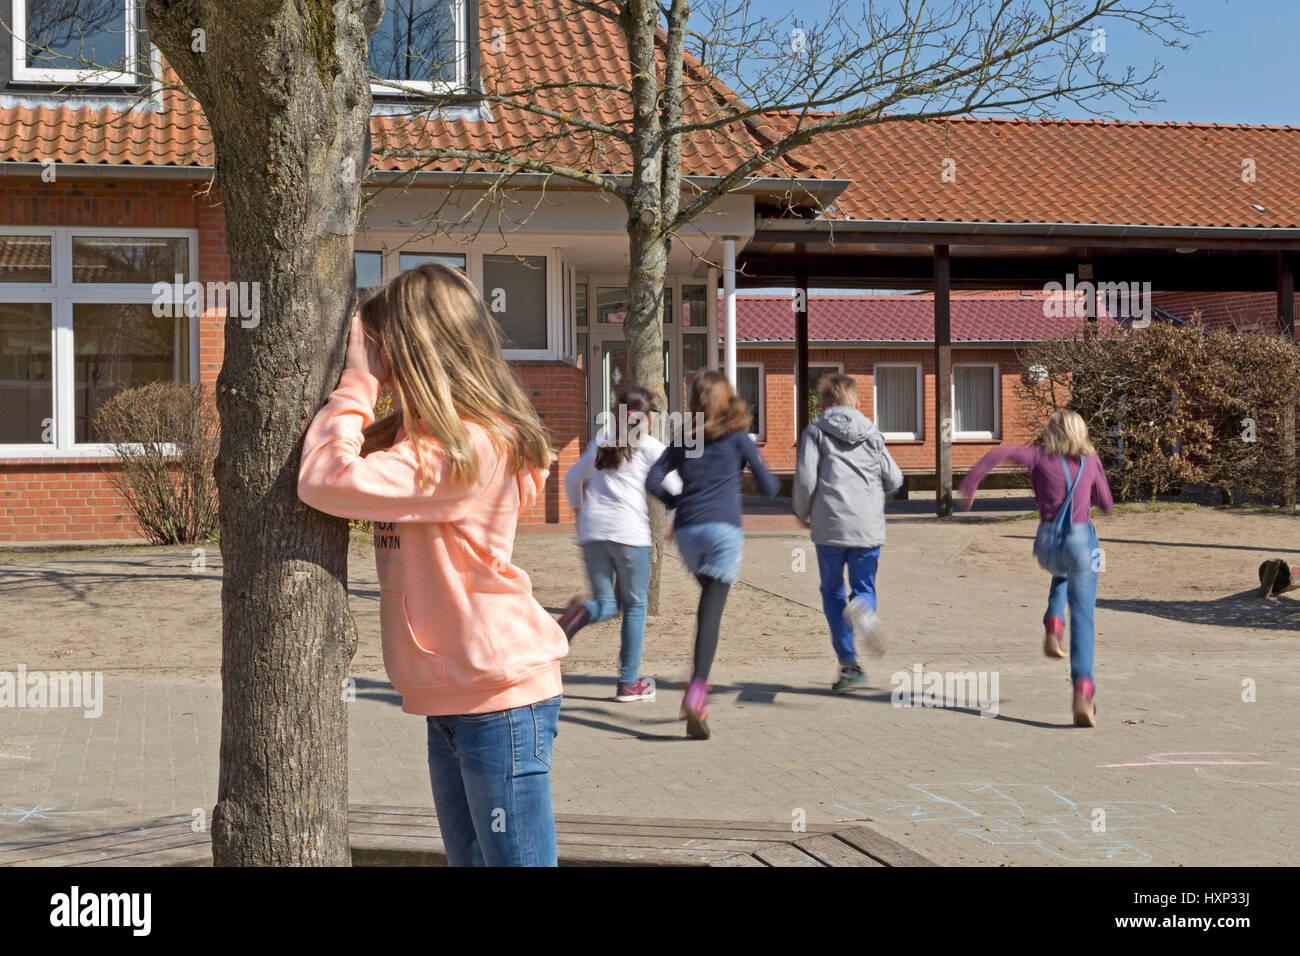 Kinder in der Grundschule spielen verstecken und suchen in Pause Stockfoto